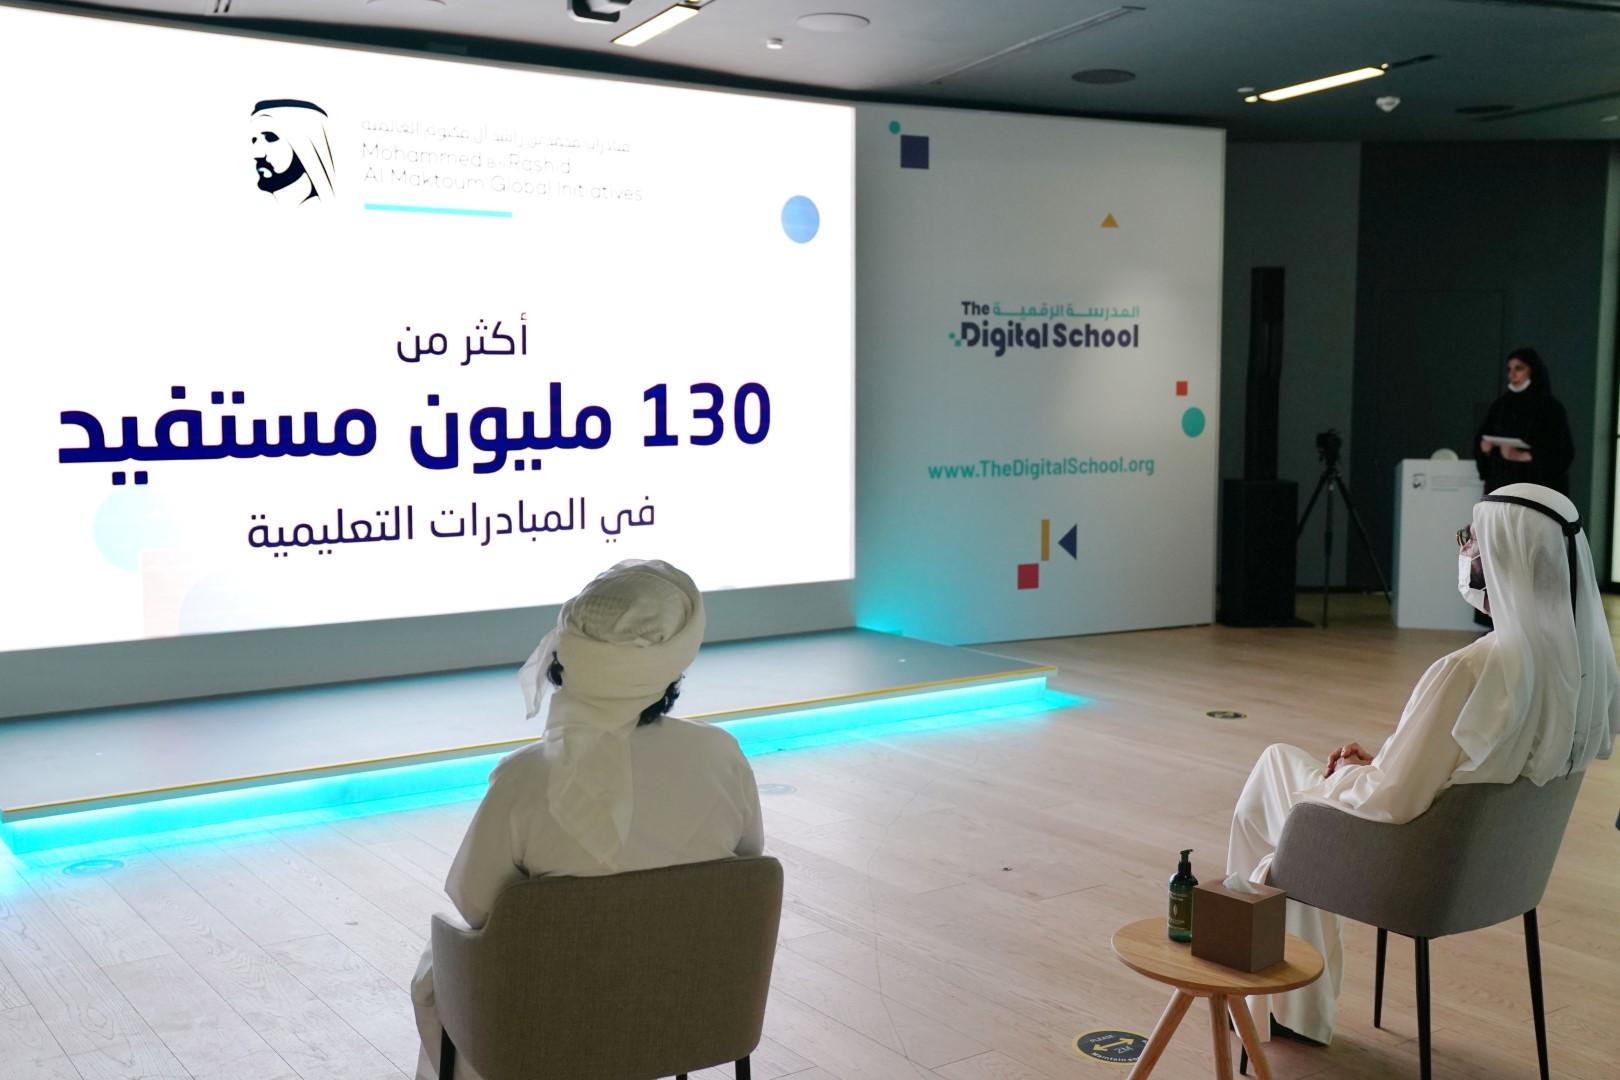 """محمد بن راشد يطلق """"المدرسة الرقمية"""" بمرحلة تجريبية تضم 20 ألف طالب في 4 دول"""